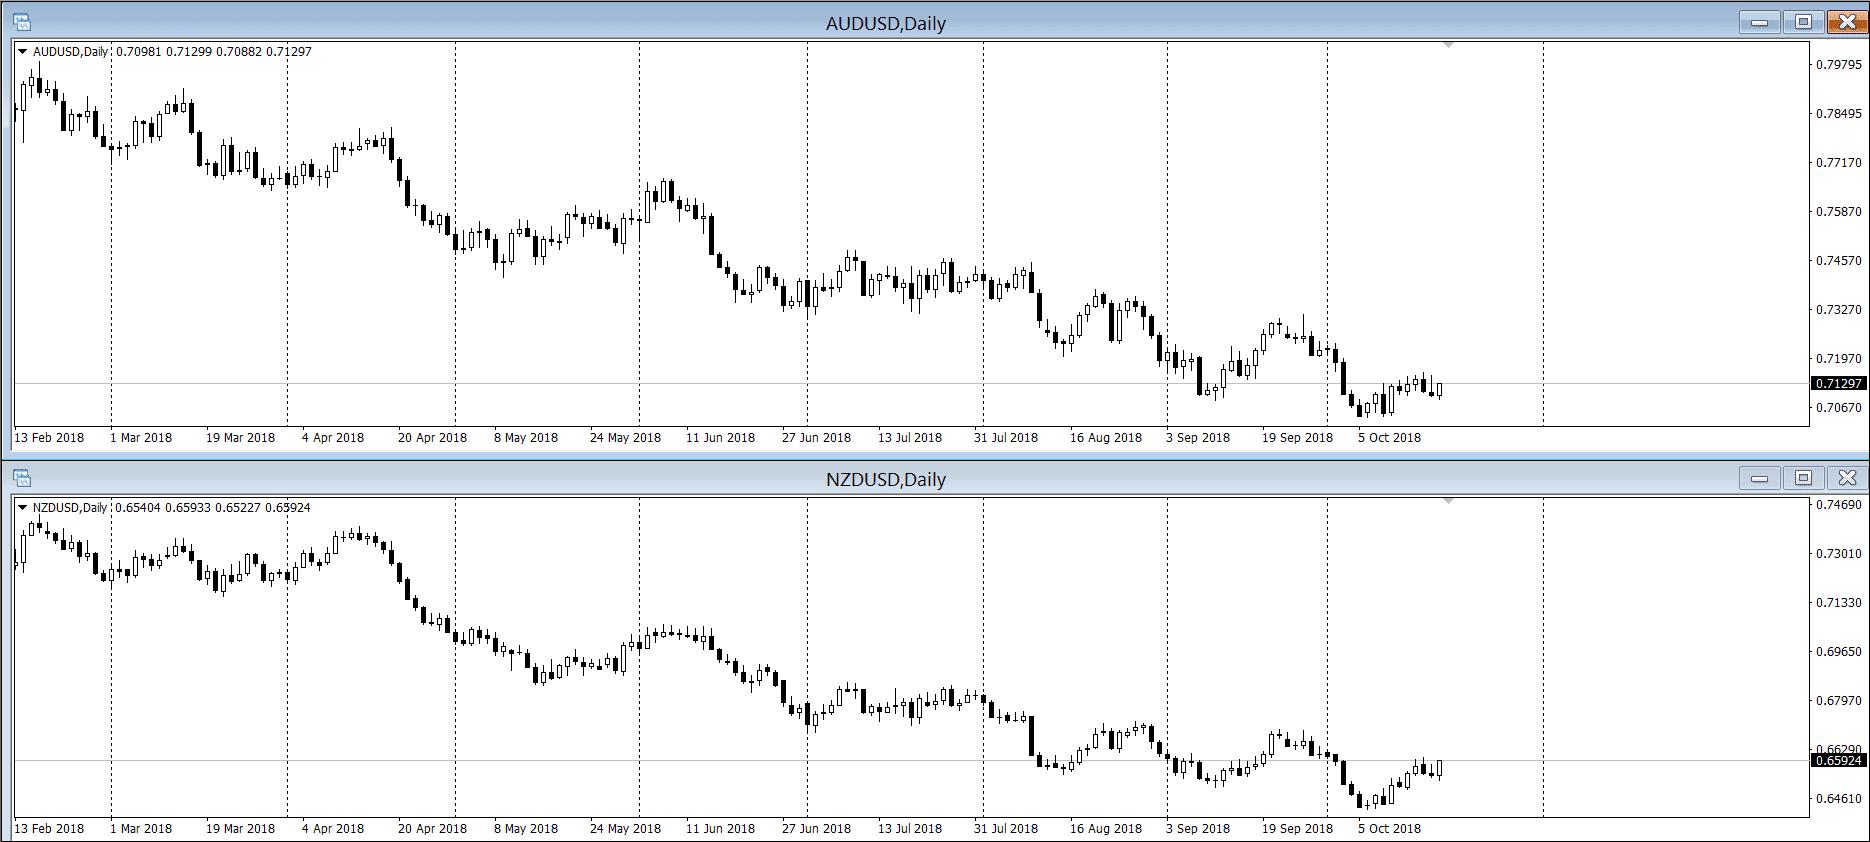 Прямая корреляции на графике